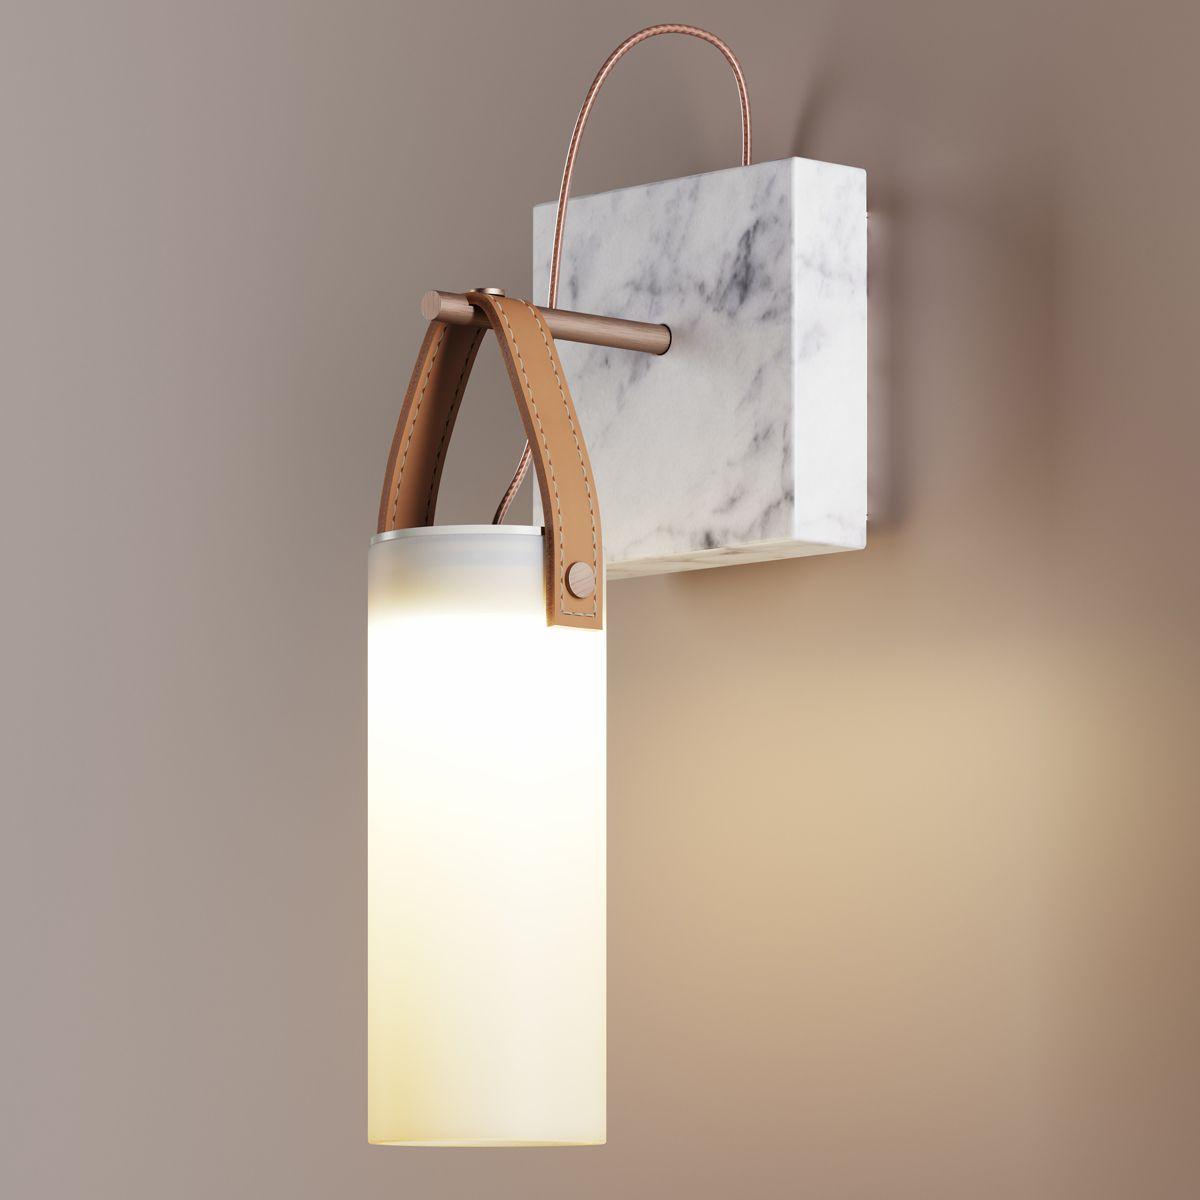 Galerie Wall Lamp-Fontana